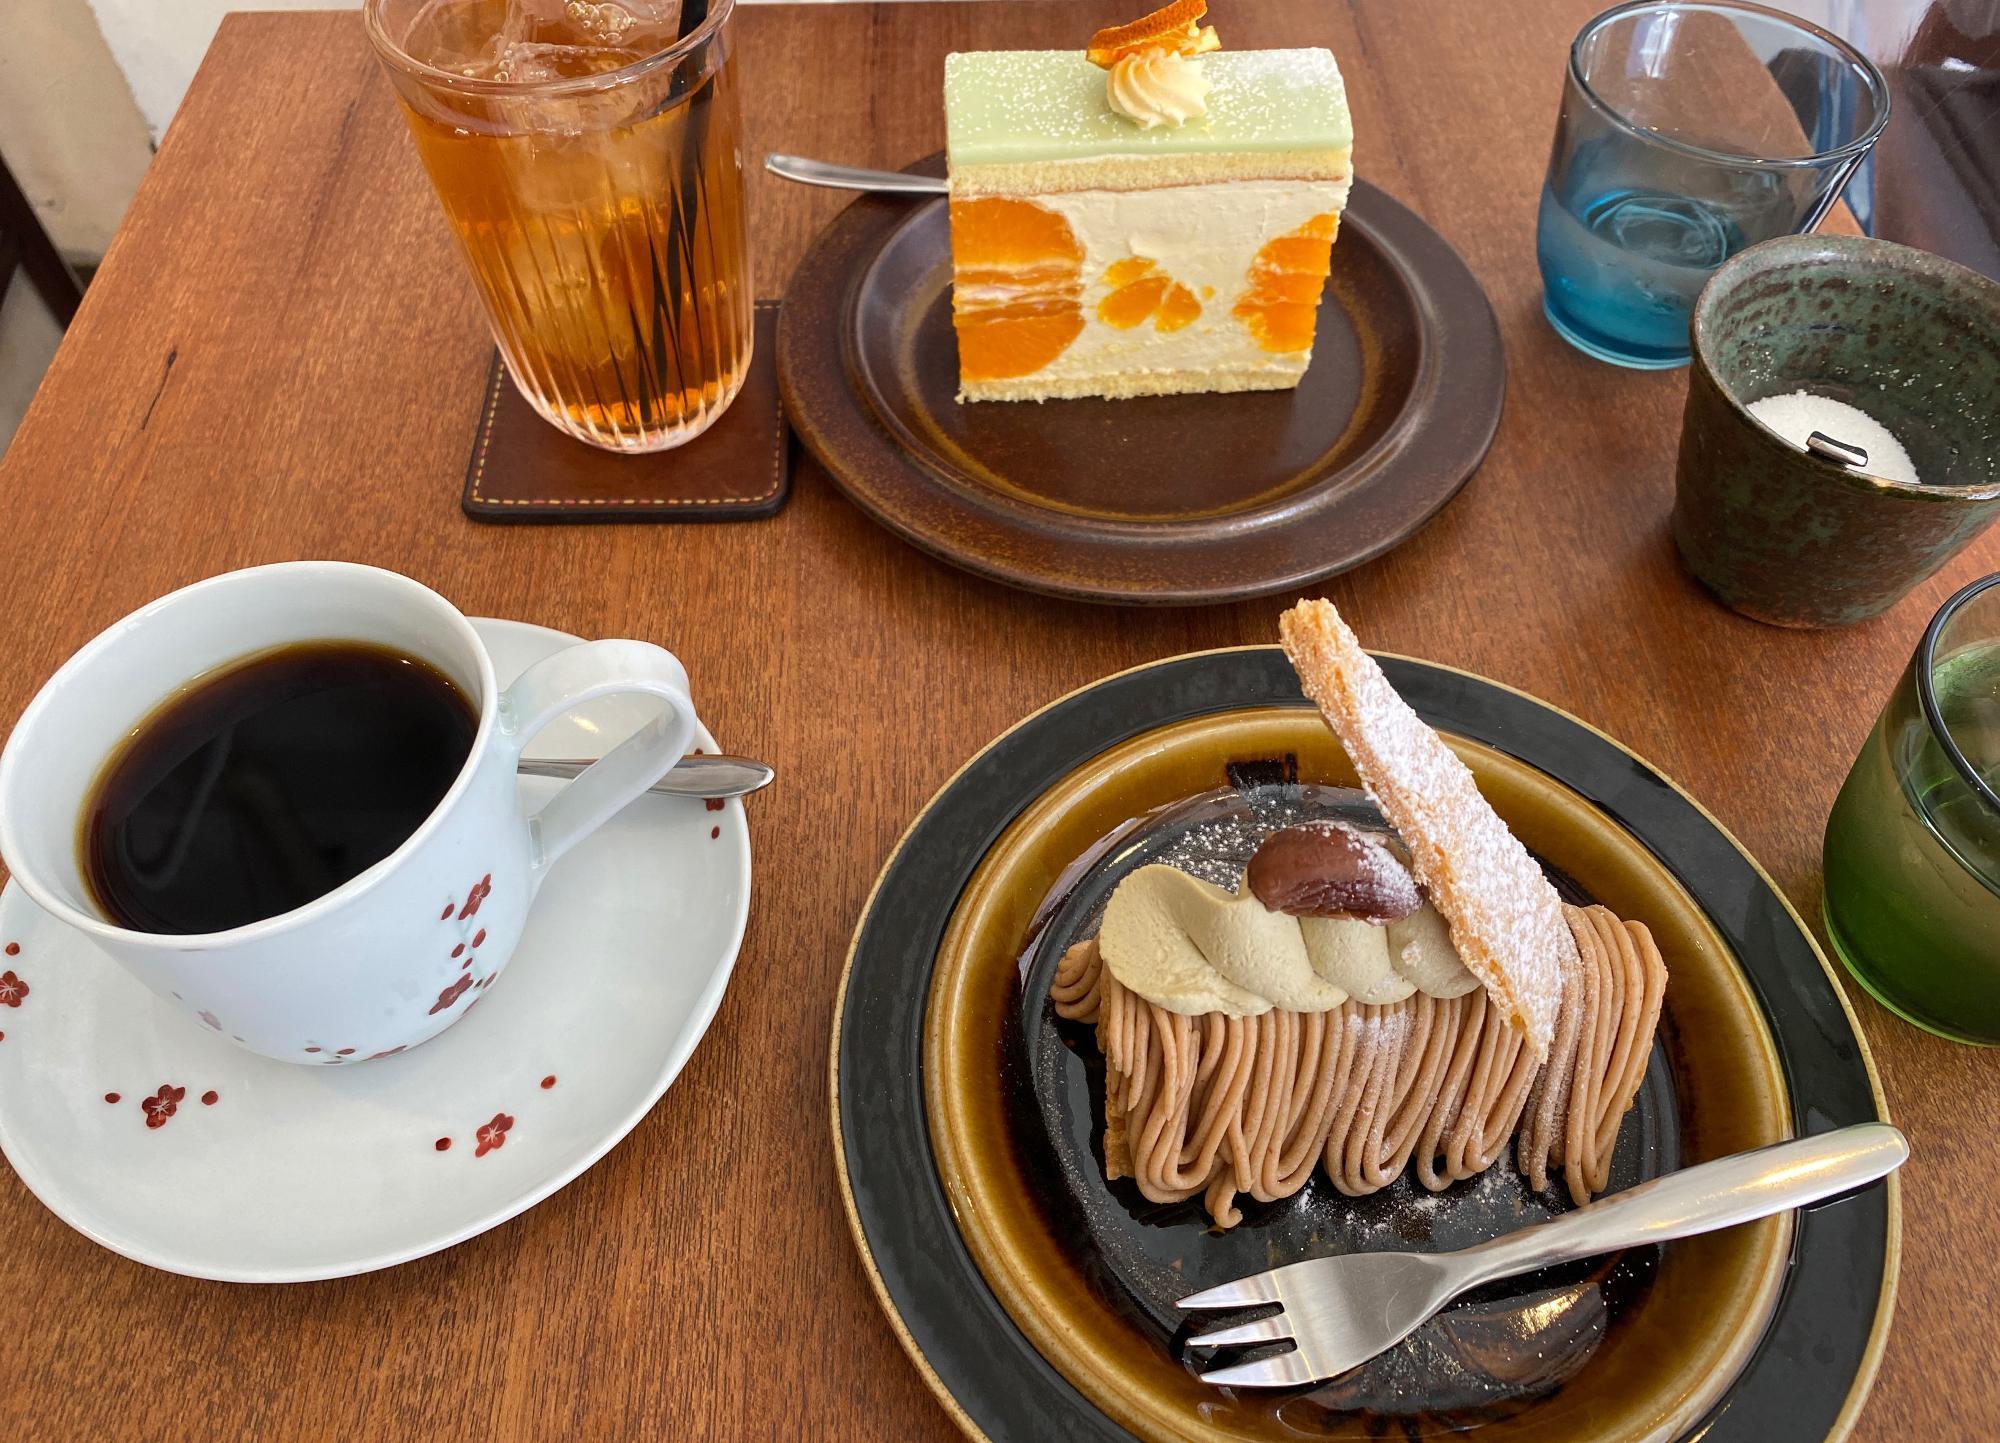 「『あきさわ園』のみかんのケーキ」と「栗のミルフィユ」